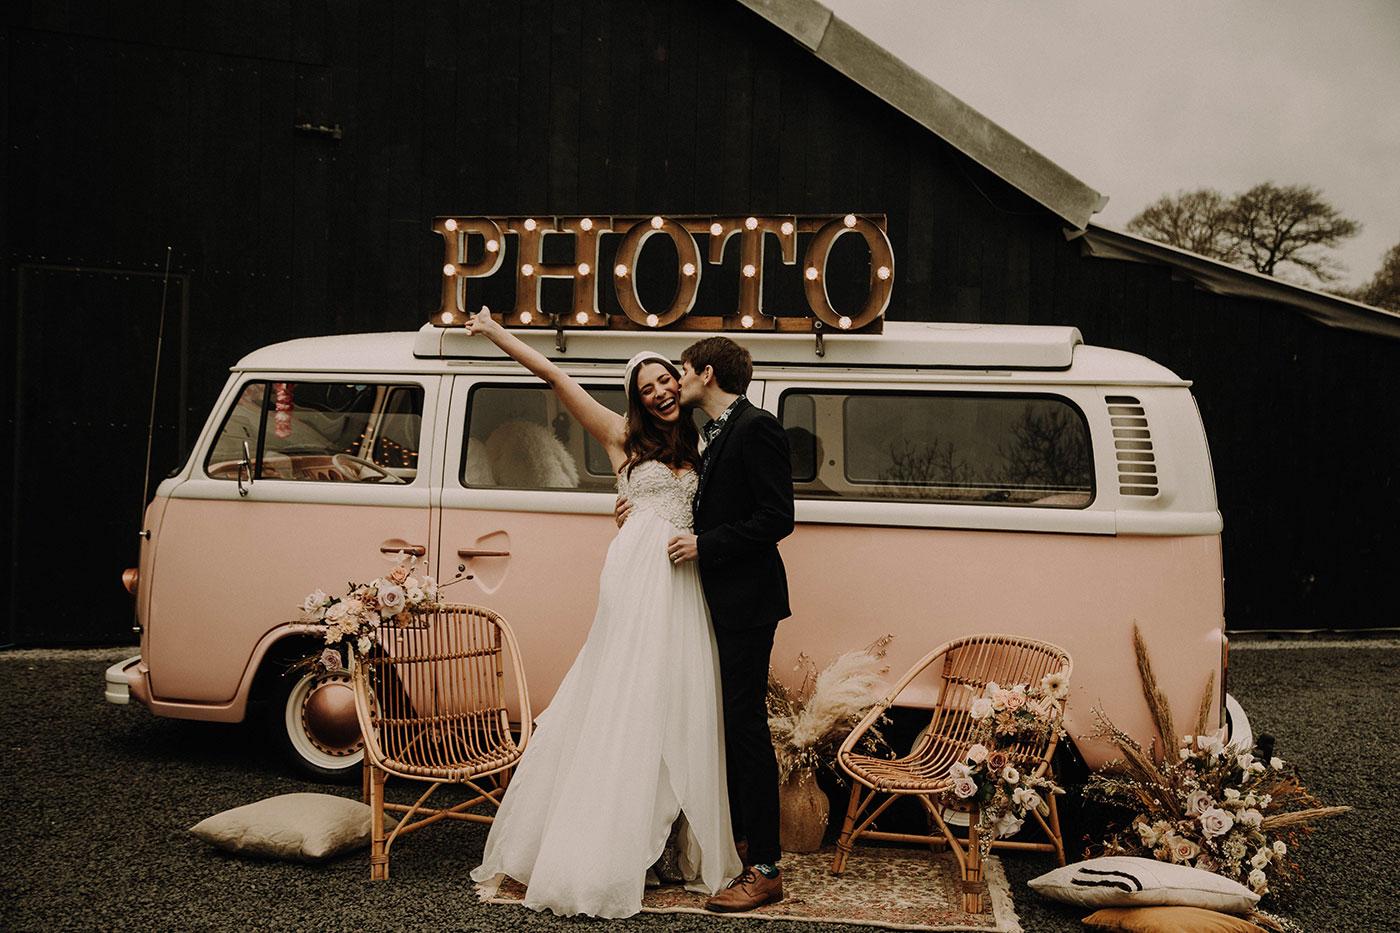 Wedding Photobooths: Why your wedding needs one